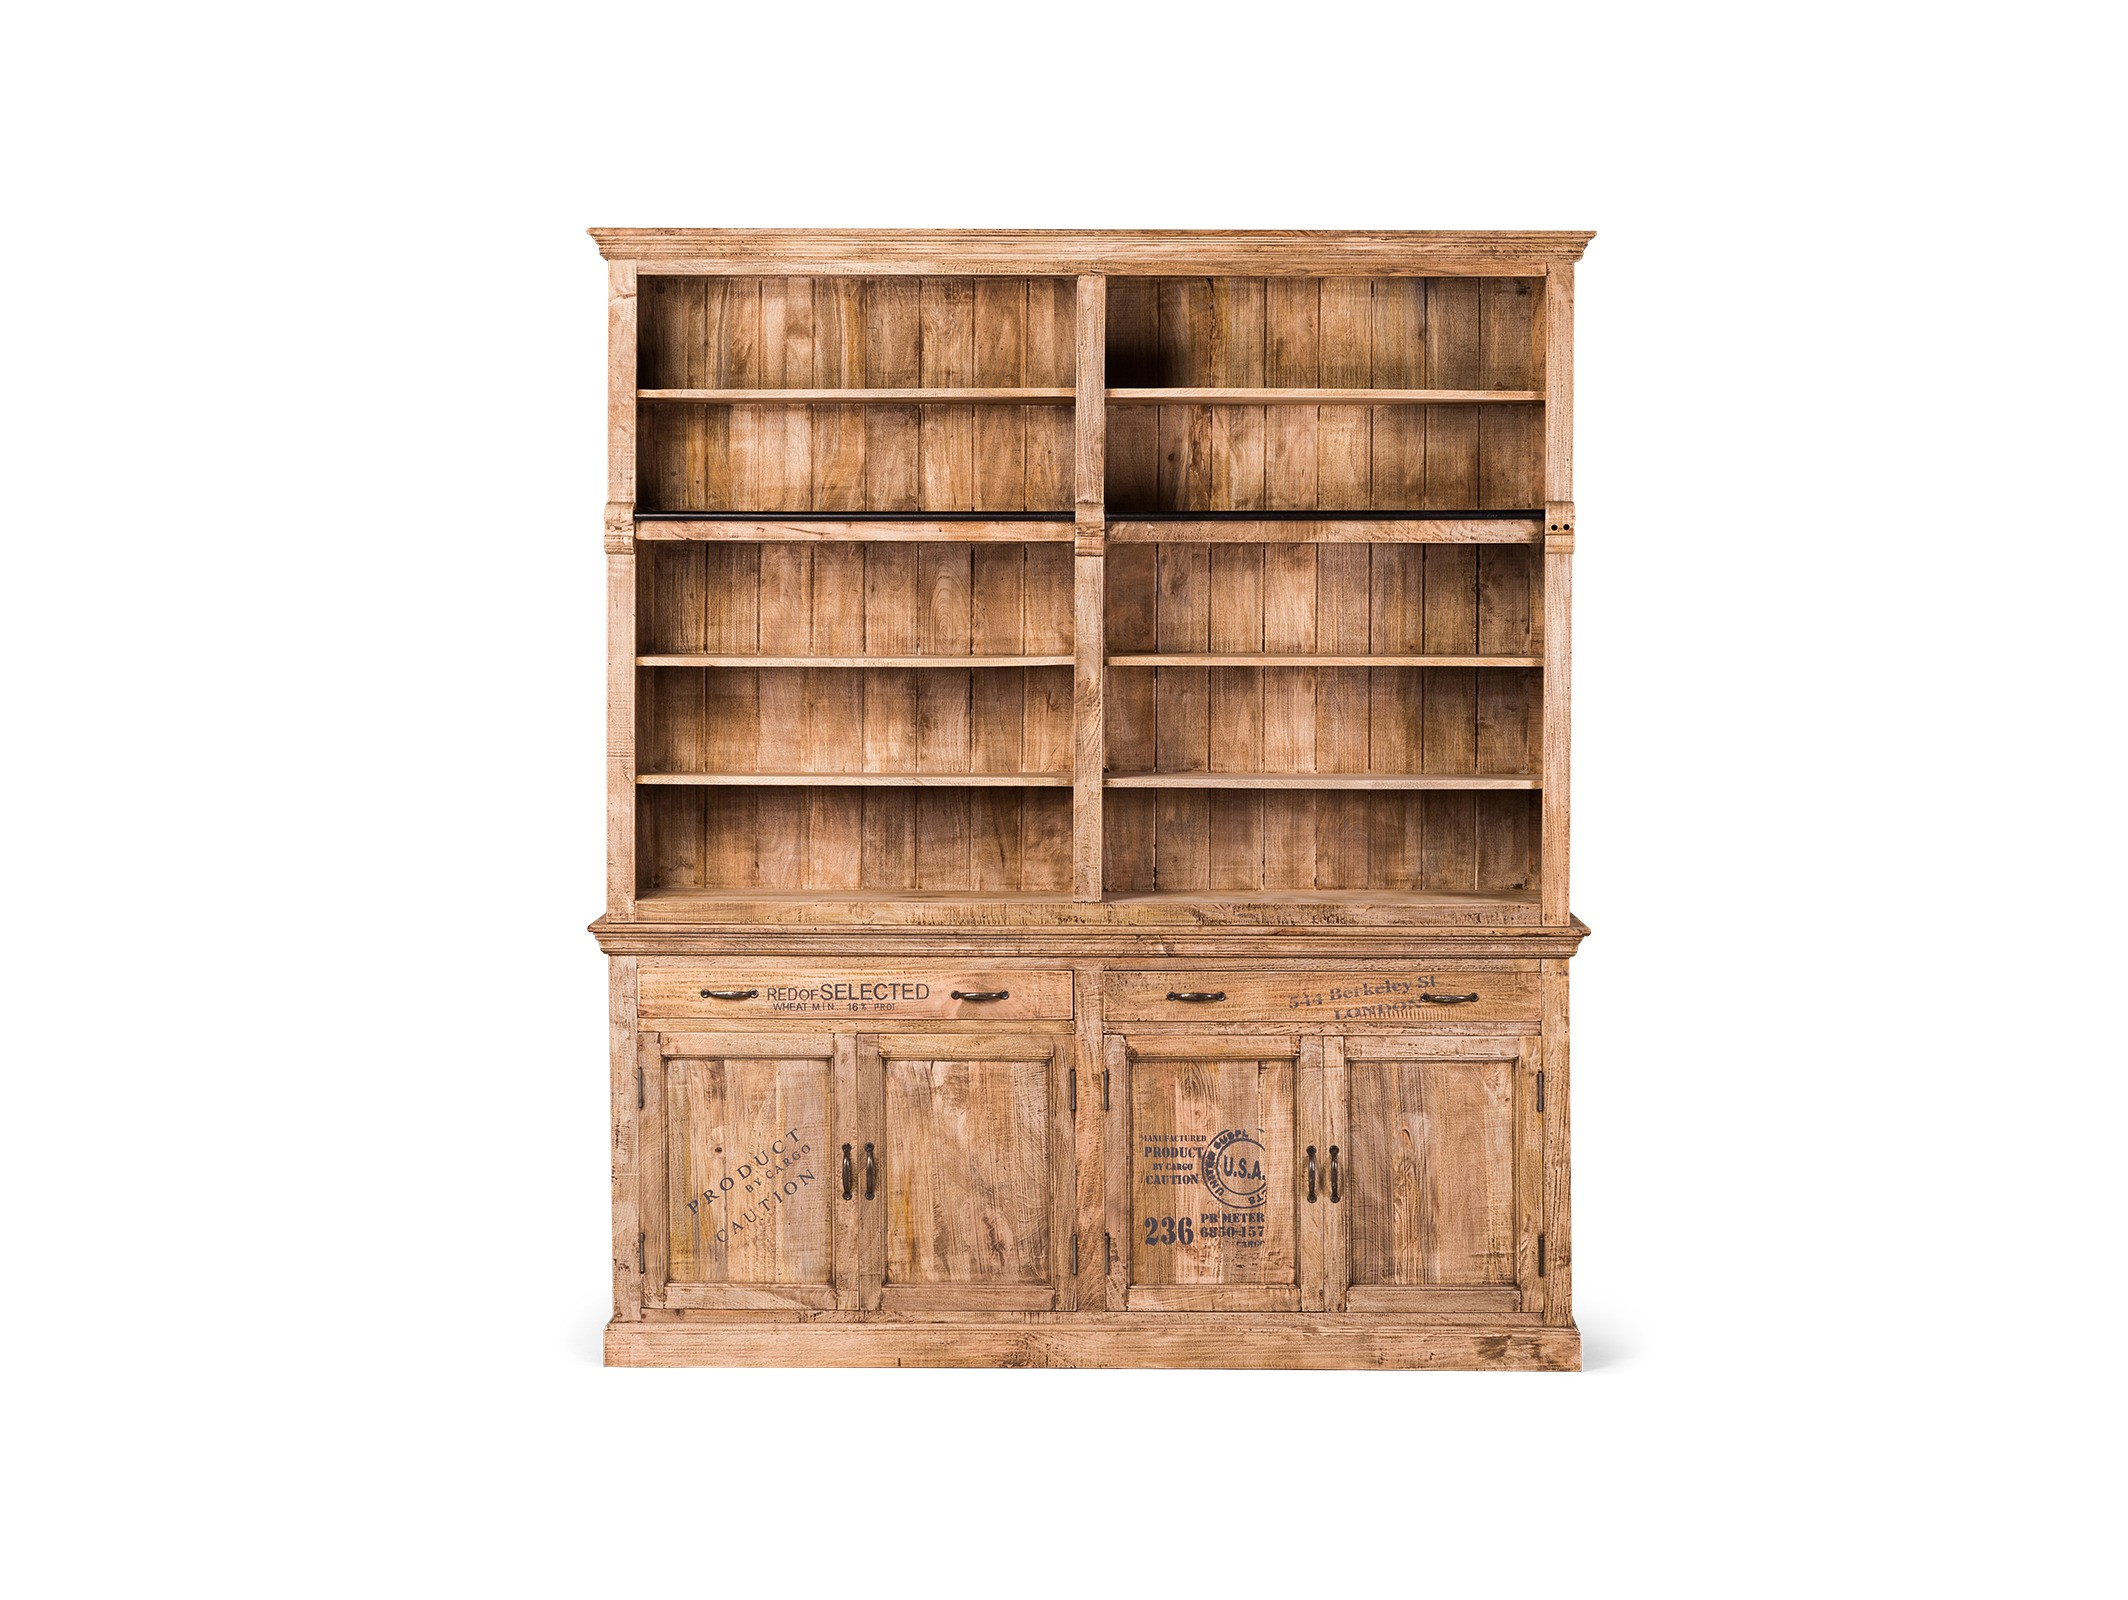 Библиотека RoomyКнижные шкафы и библиотеки<br><br><br>Material: Манго<br>Ширина см: 200<br>Высота см: 230<br>Глубина см: 42